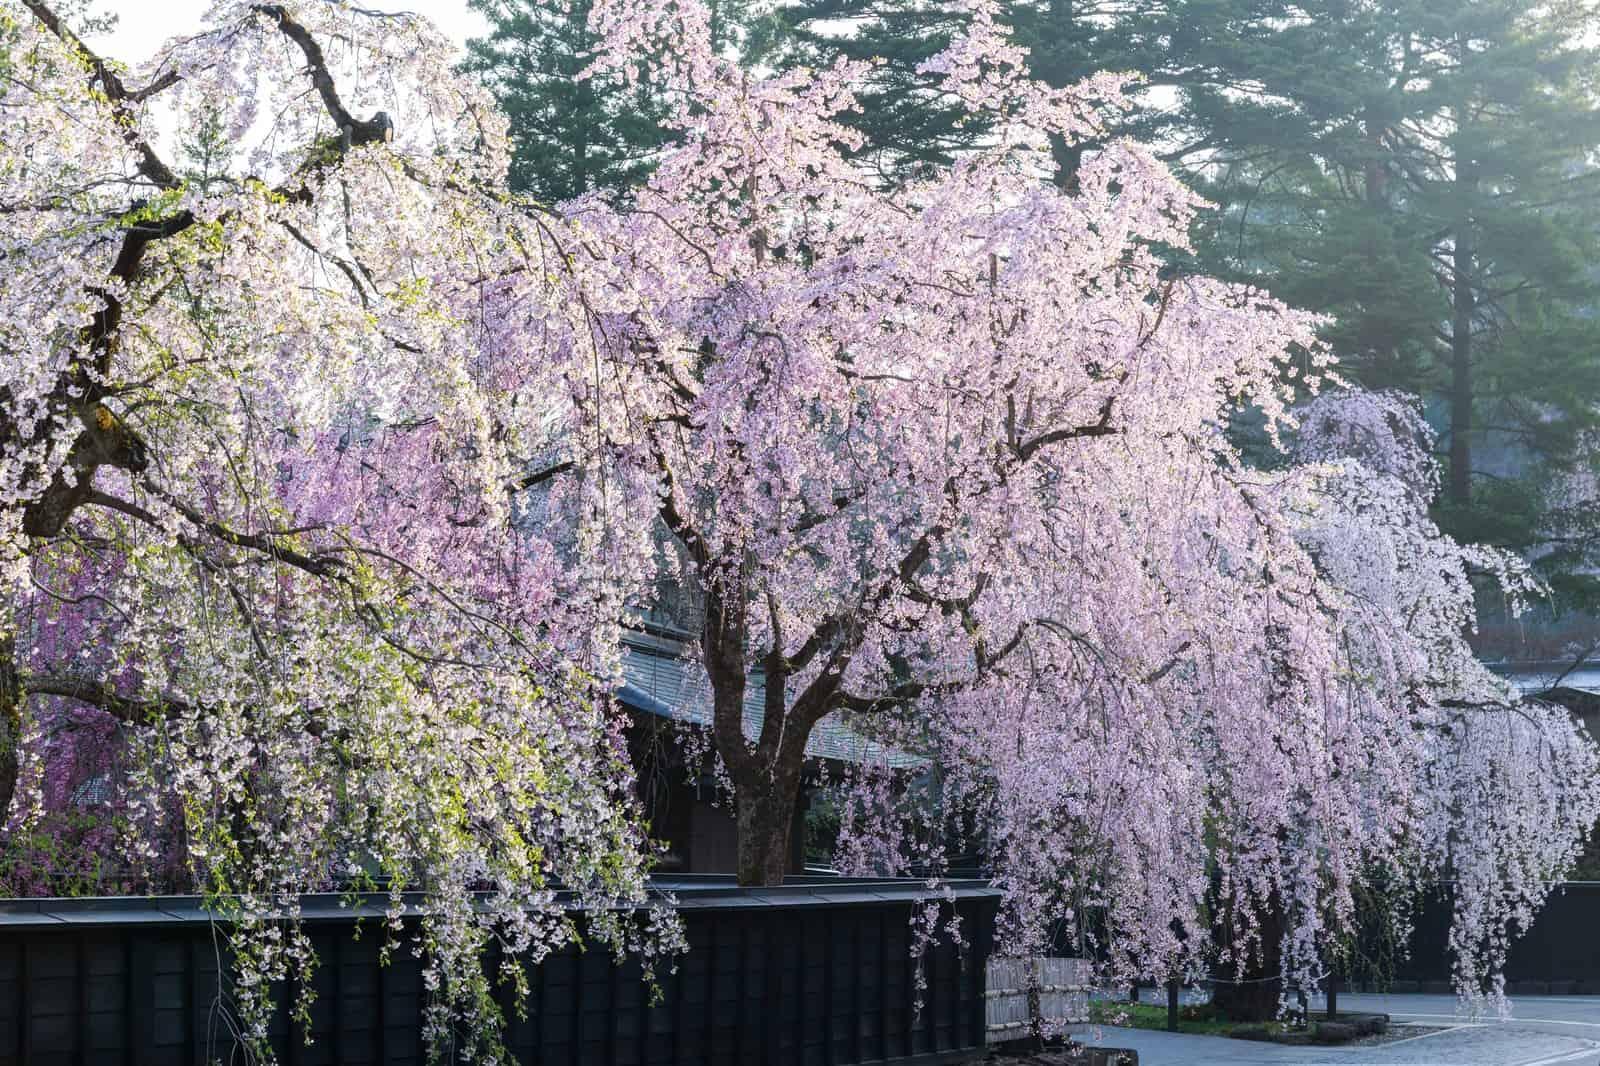 ซากุระ โทโฮคุ JR East Pass Tohoku Area - หมู่บ้านซามูไรคาคุโนะดาเตะ